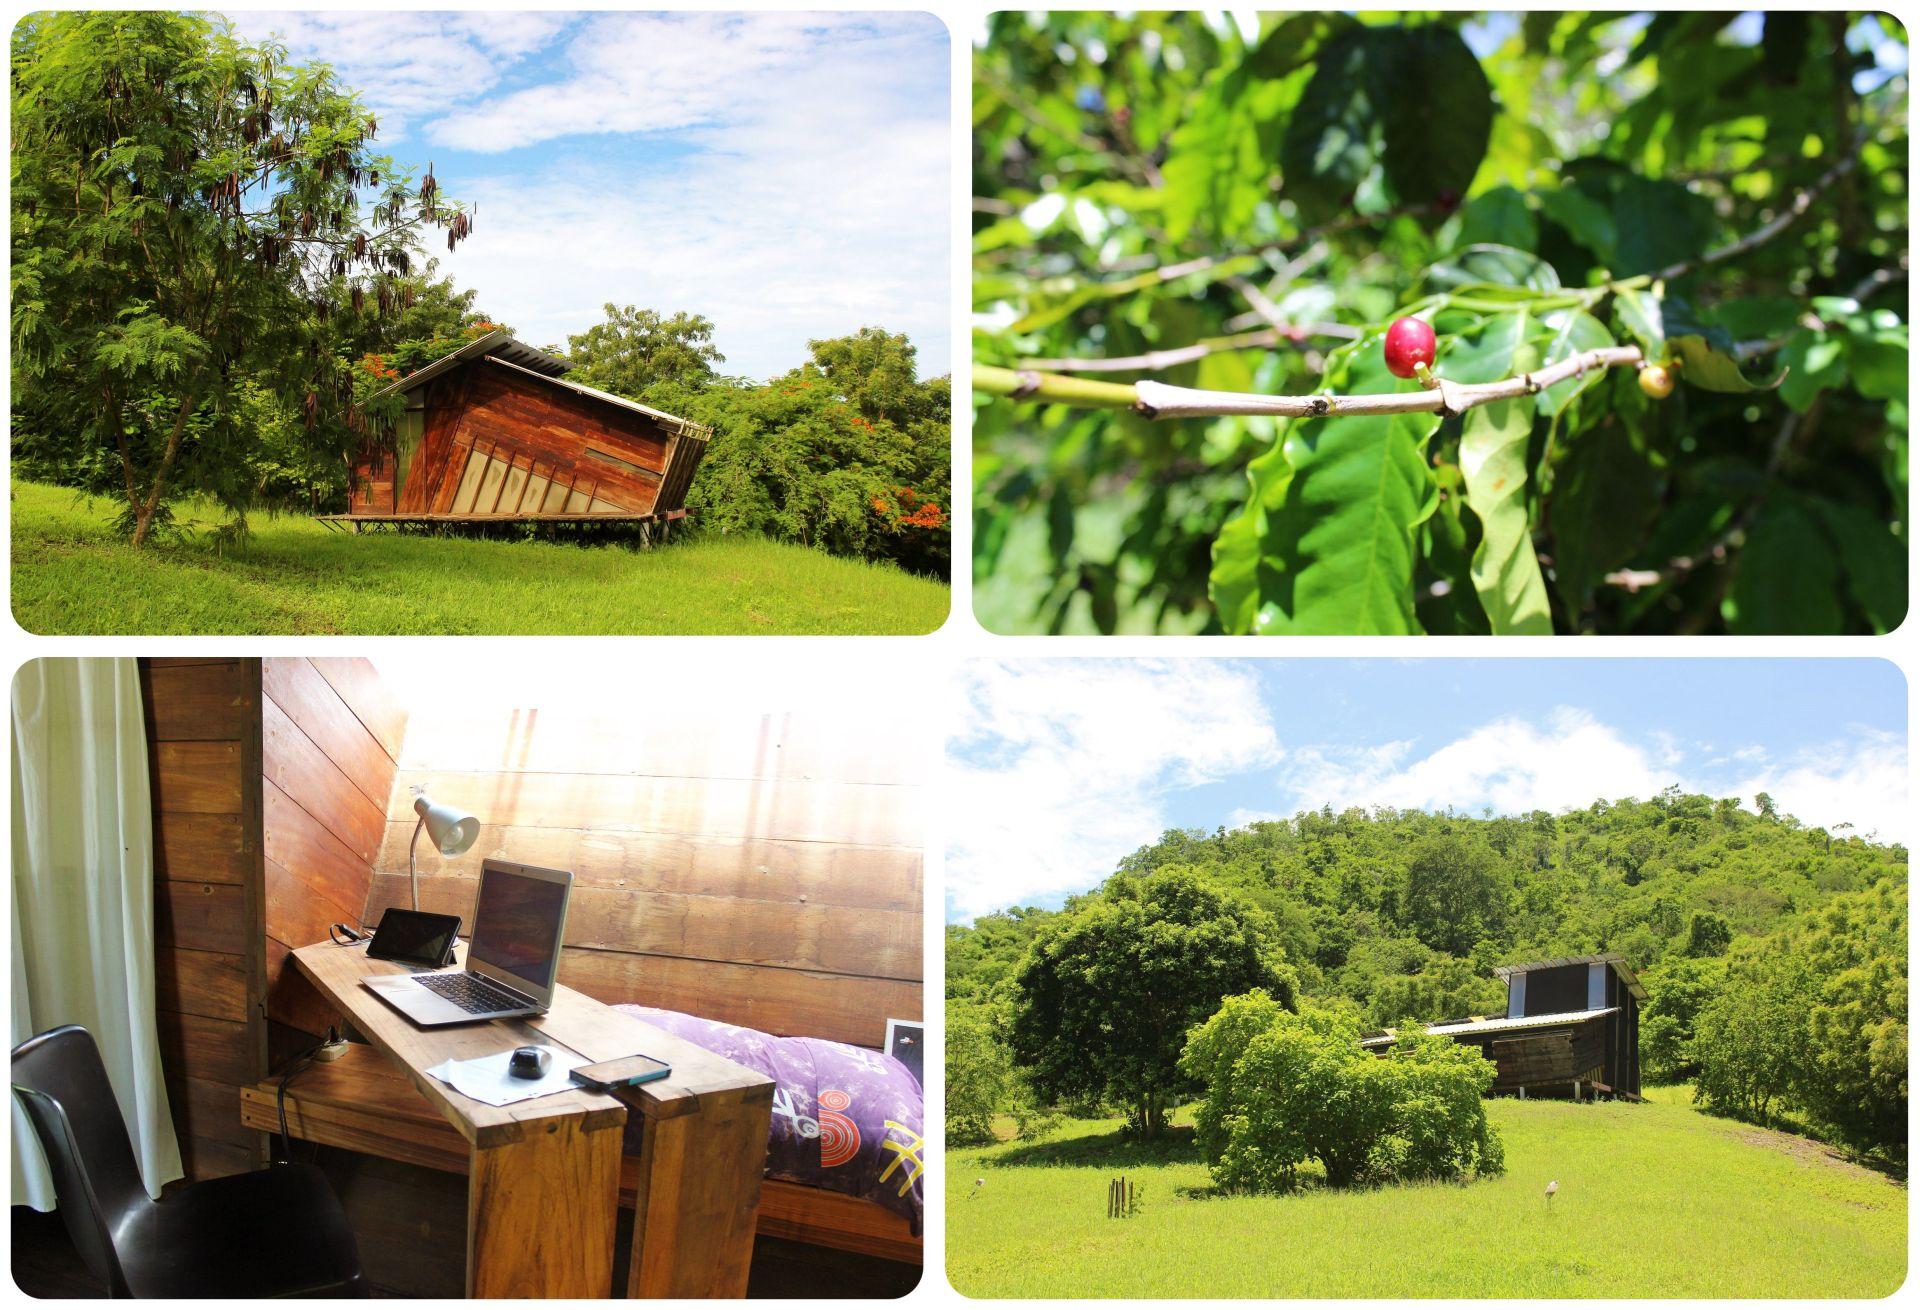 Ecuador cabin getaway